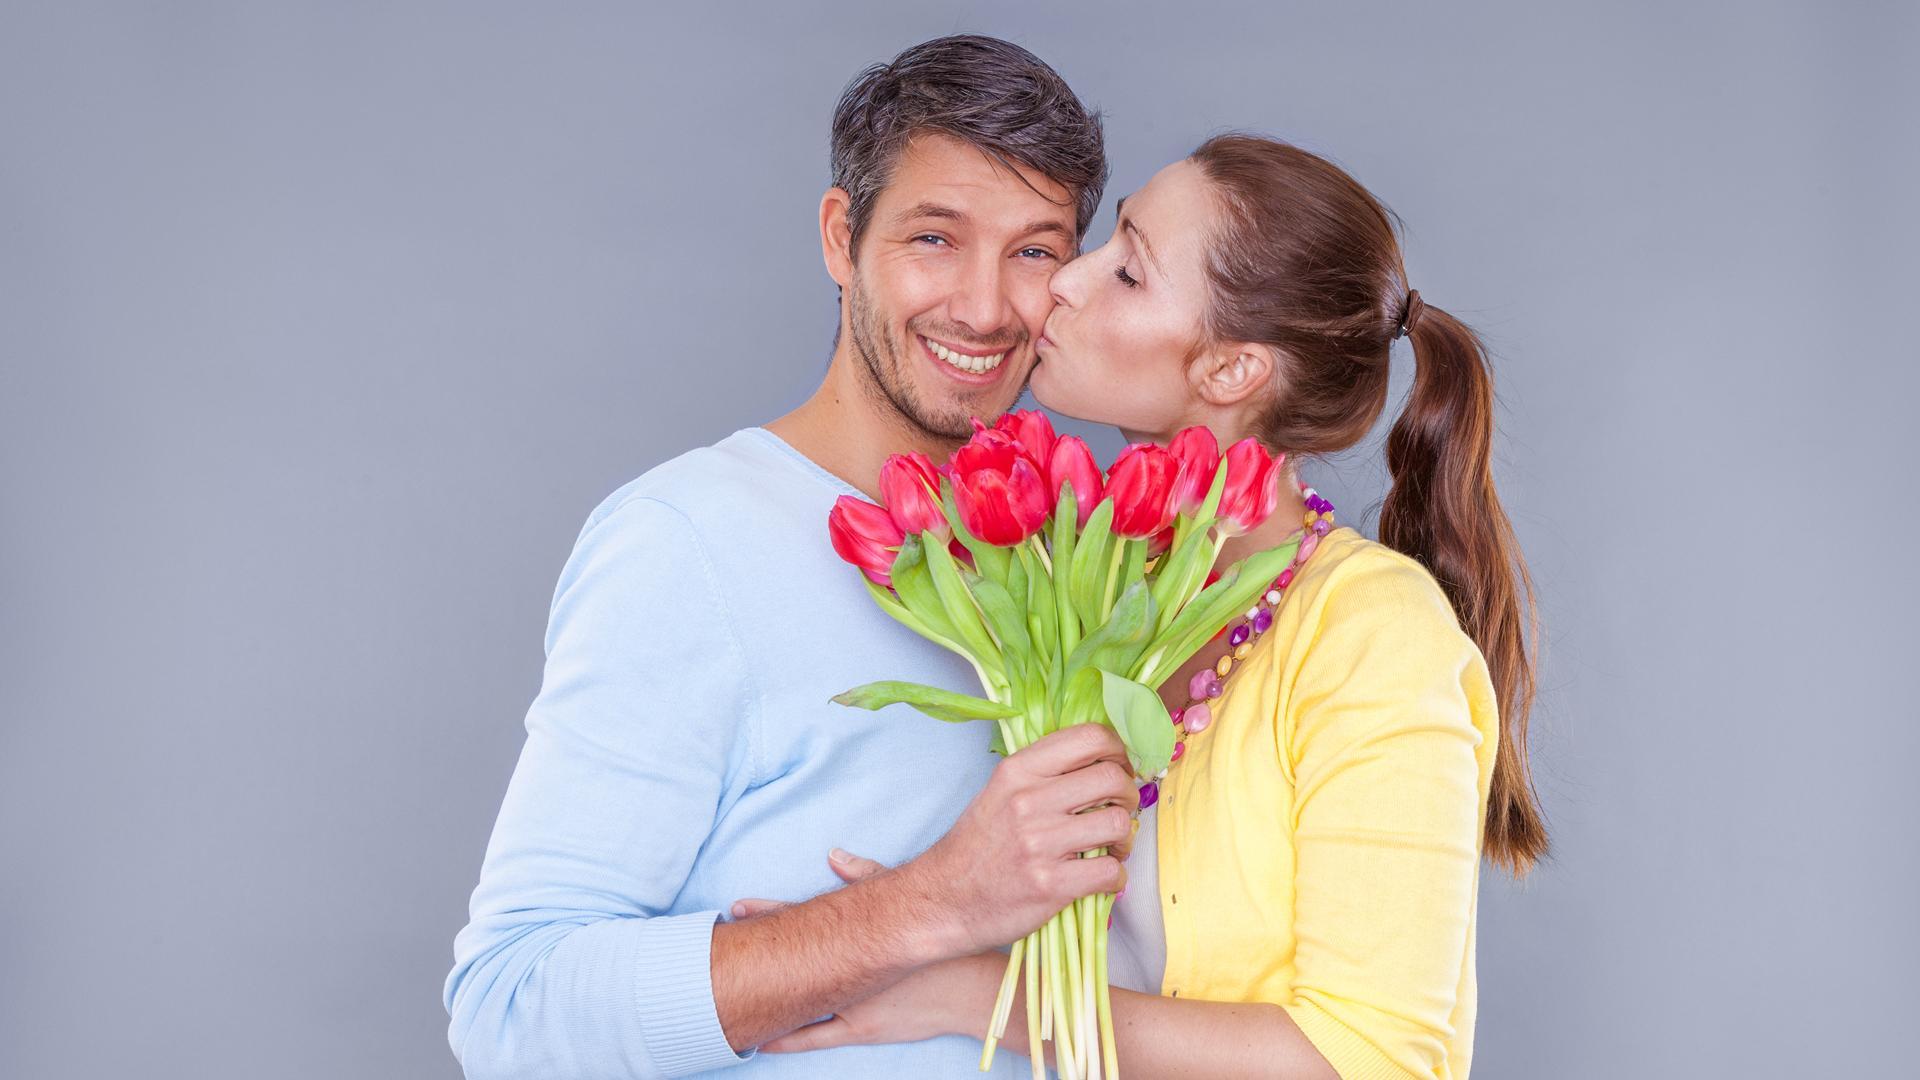 порноиндустрию молодой мужчина и тюльпаны фото голограмму строго